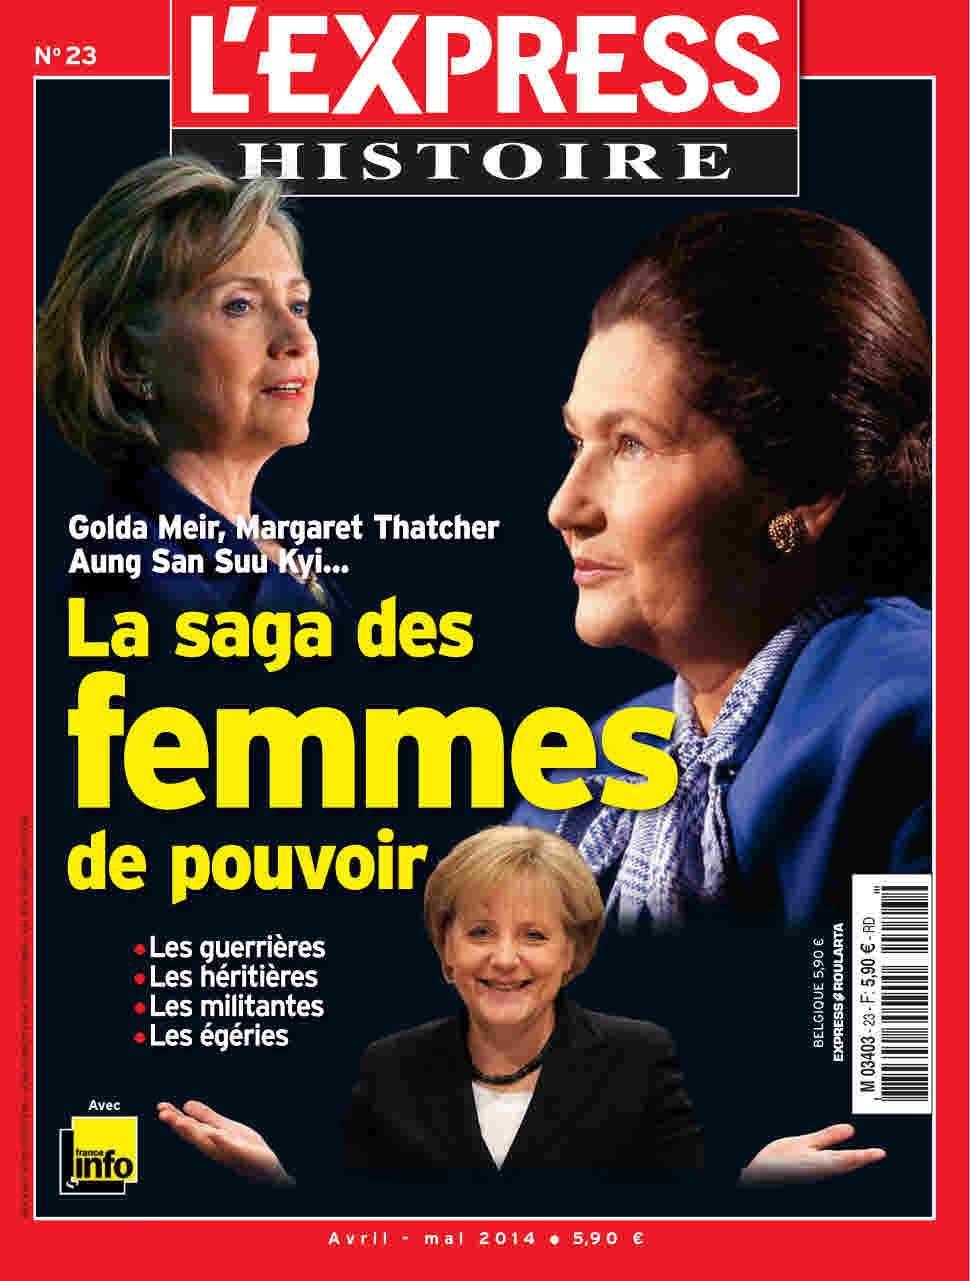 L'Express Histoire 23 - La Saga Des Femmes De Pouvoir